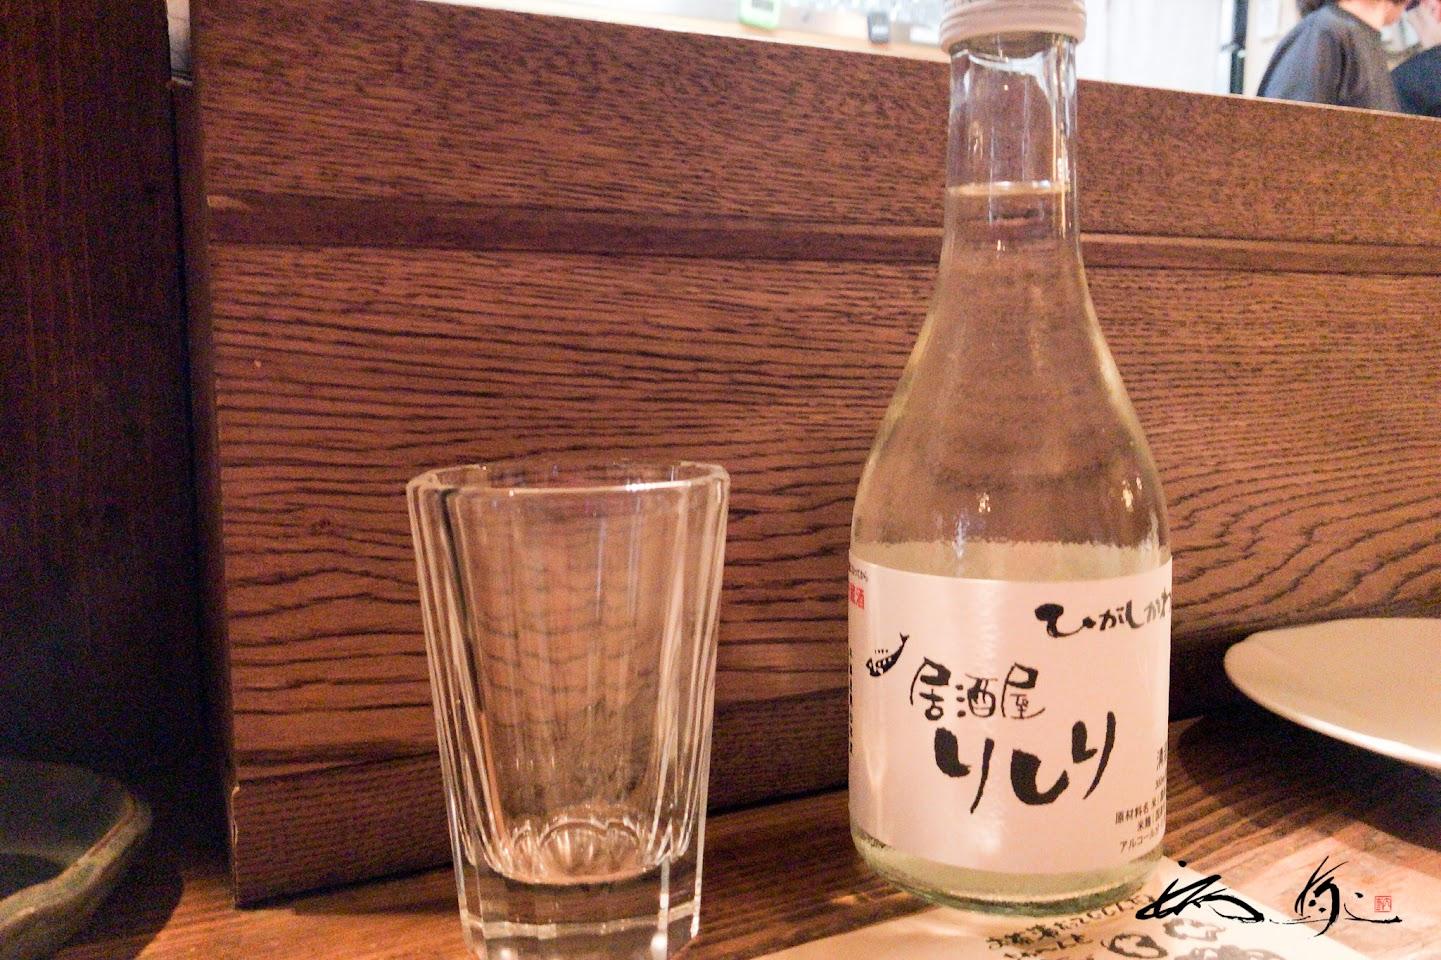 日本酒:男山 生貯蔵冷酒「居酒屋りしり」